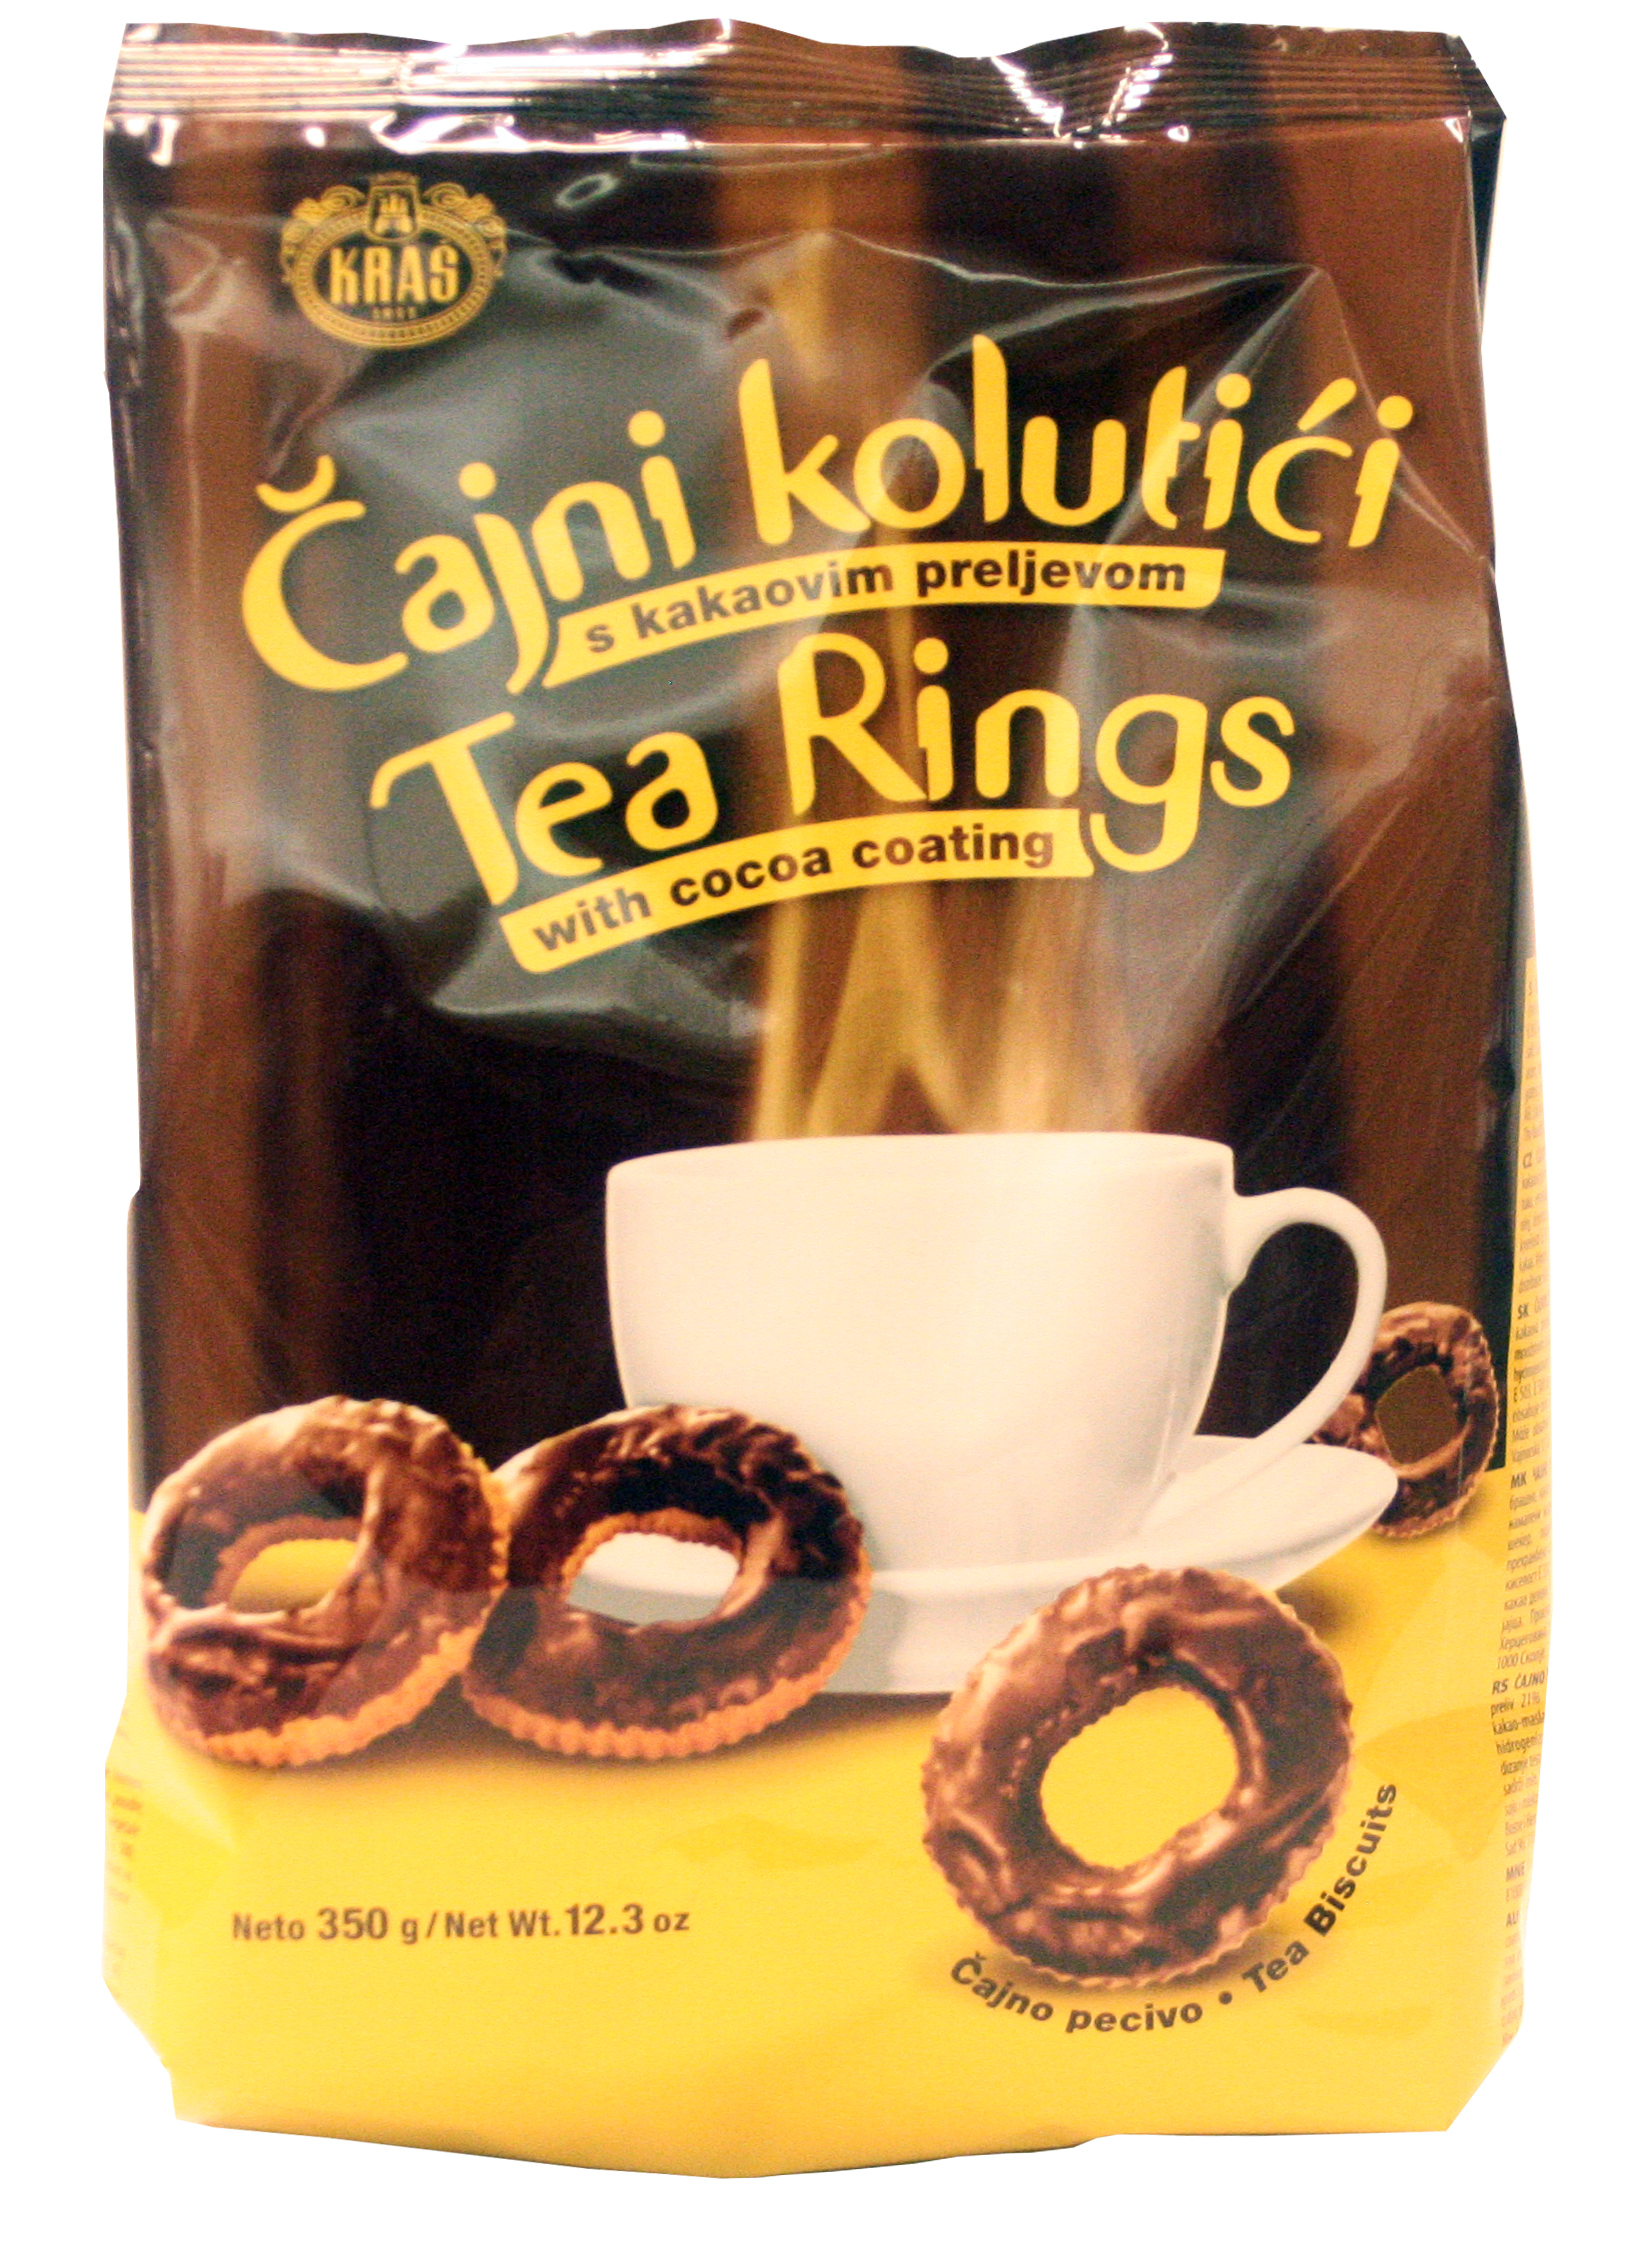 Söta kringlor med kakaoglasyr som passar perfekt för testunden. Produkt från Bosnien.